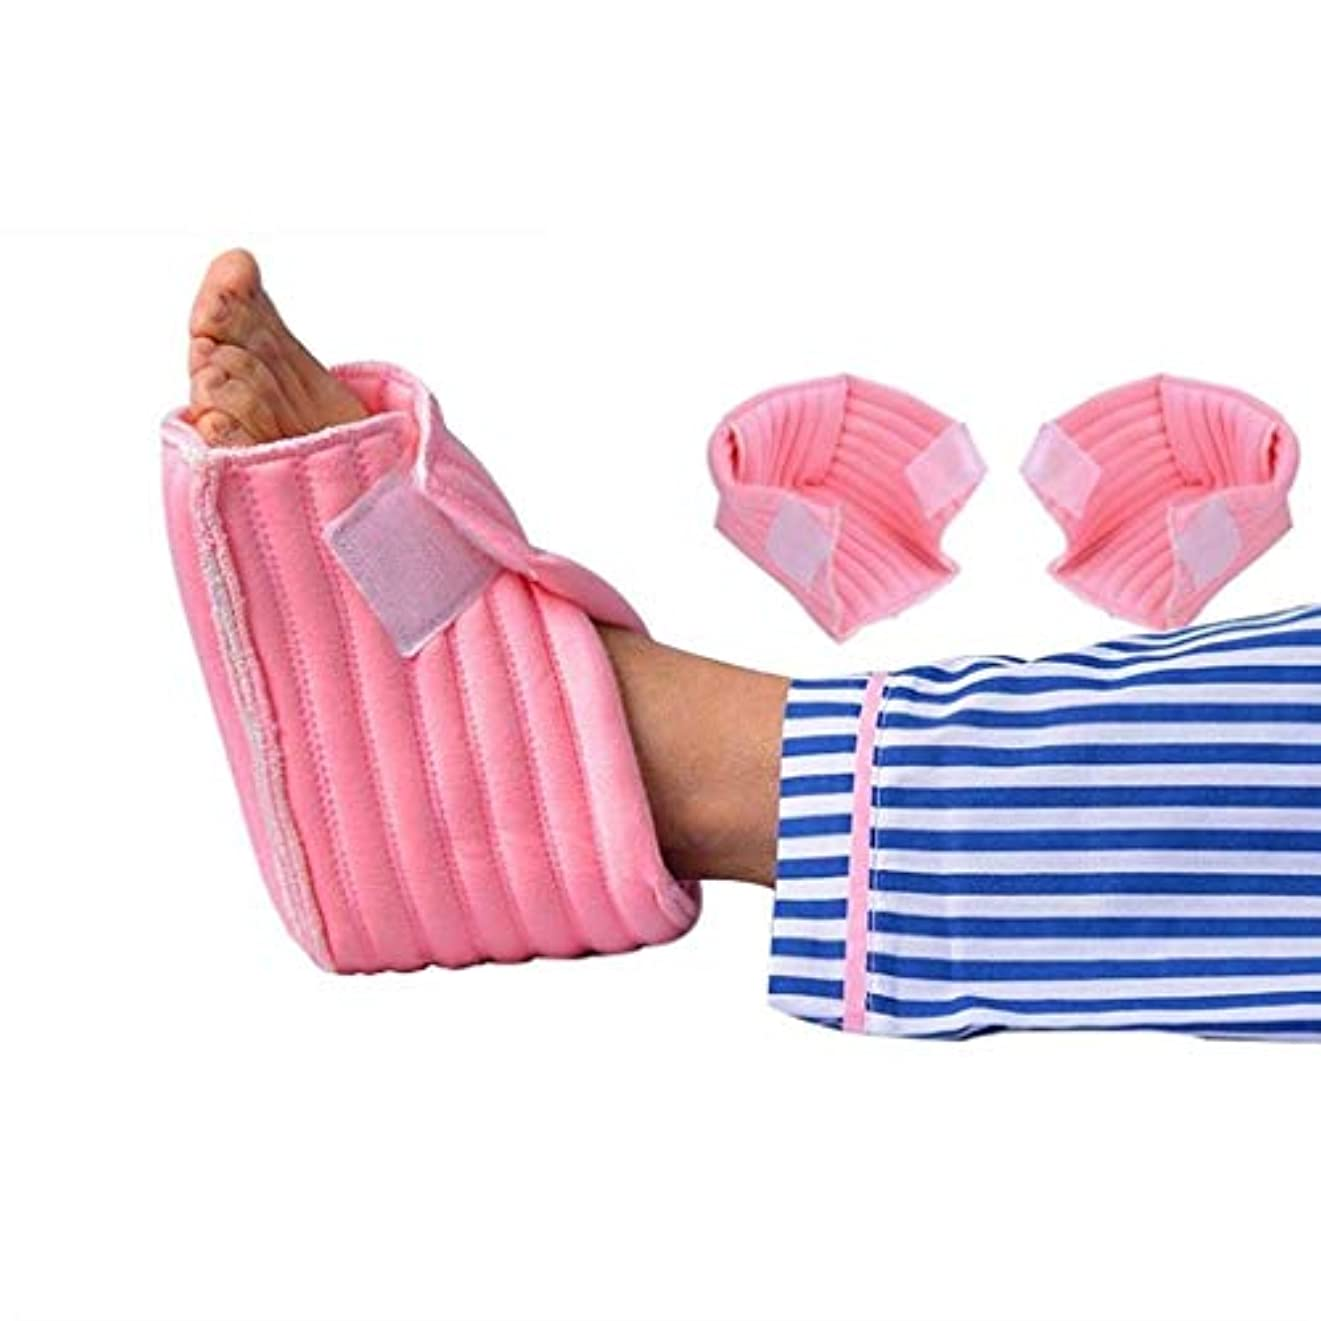 指定ベックス音楽を聴くTONGSH かかとの枕-ウィッキング生地-ピンク-潰瘍の予防、足/かかとへの圧力を軽減 (Size : 1pcs)